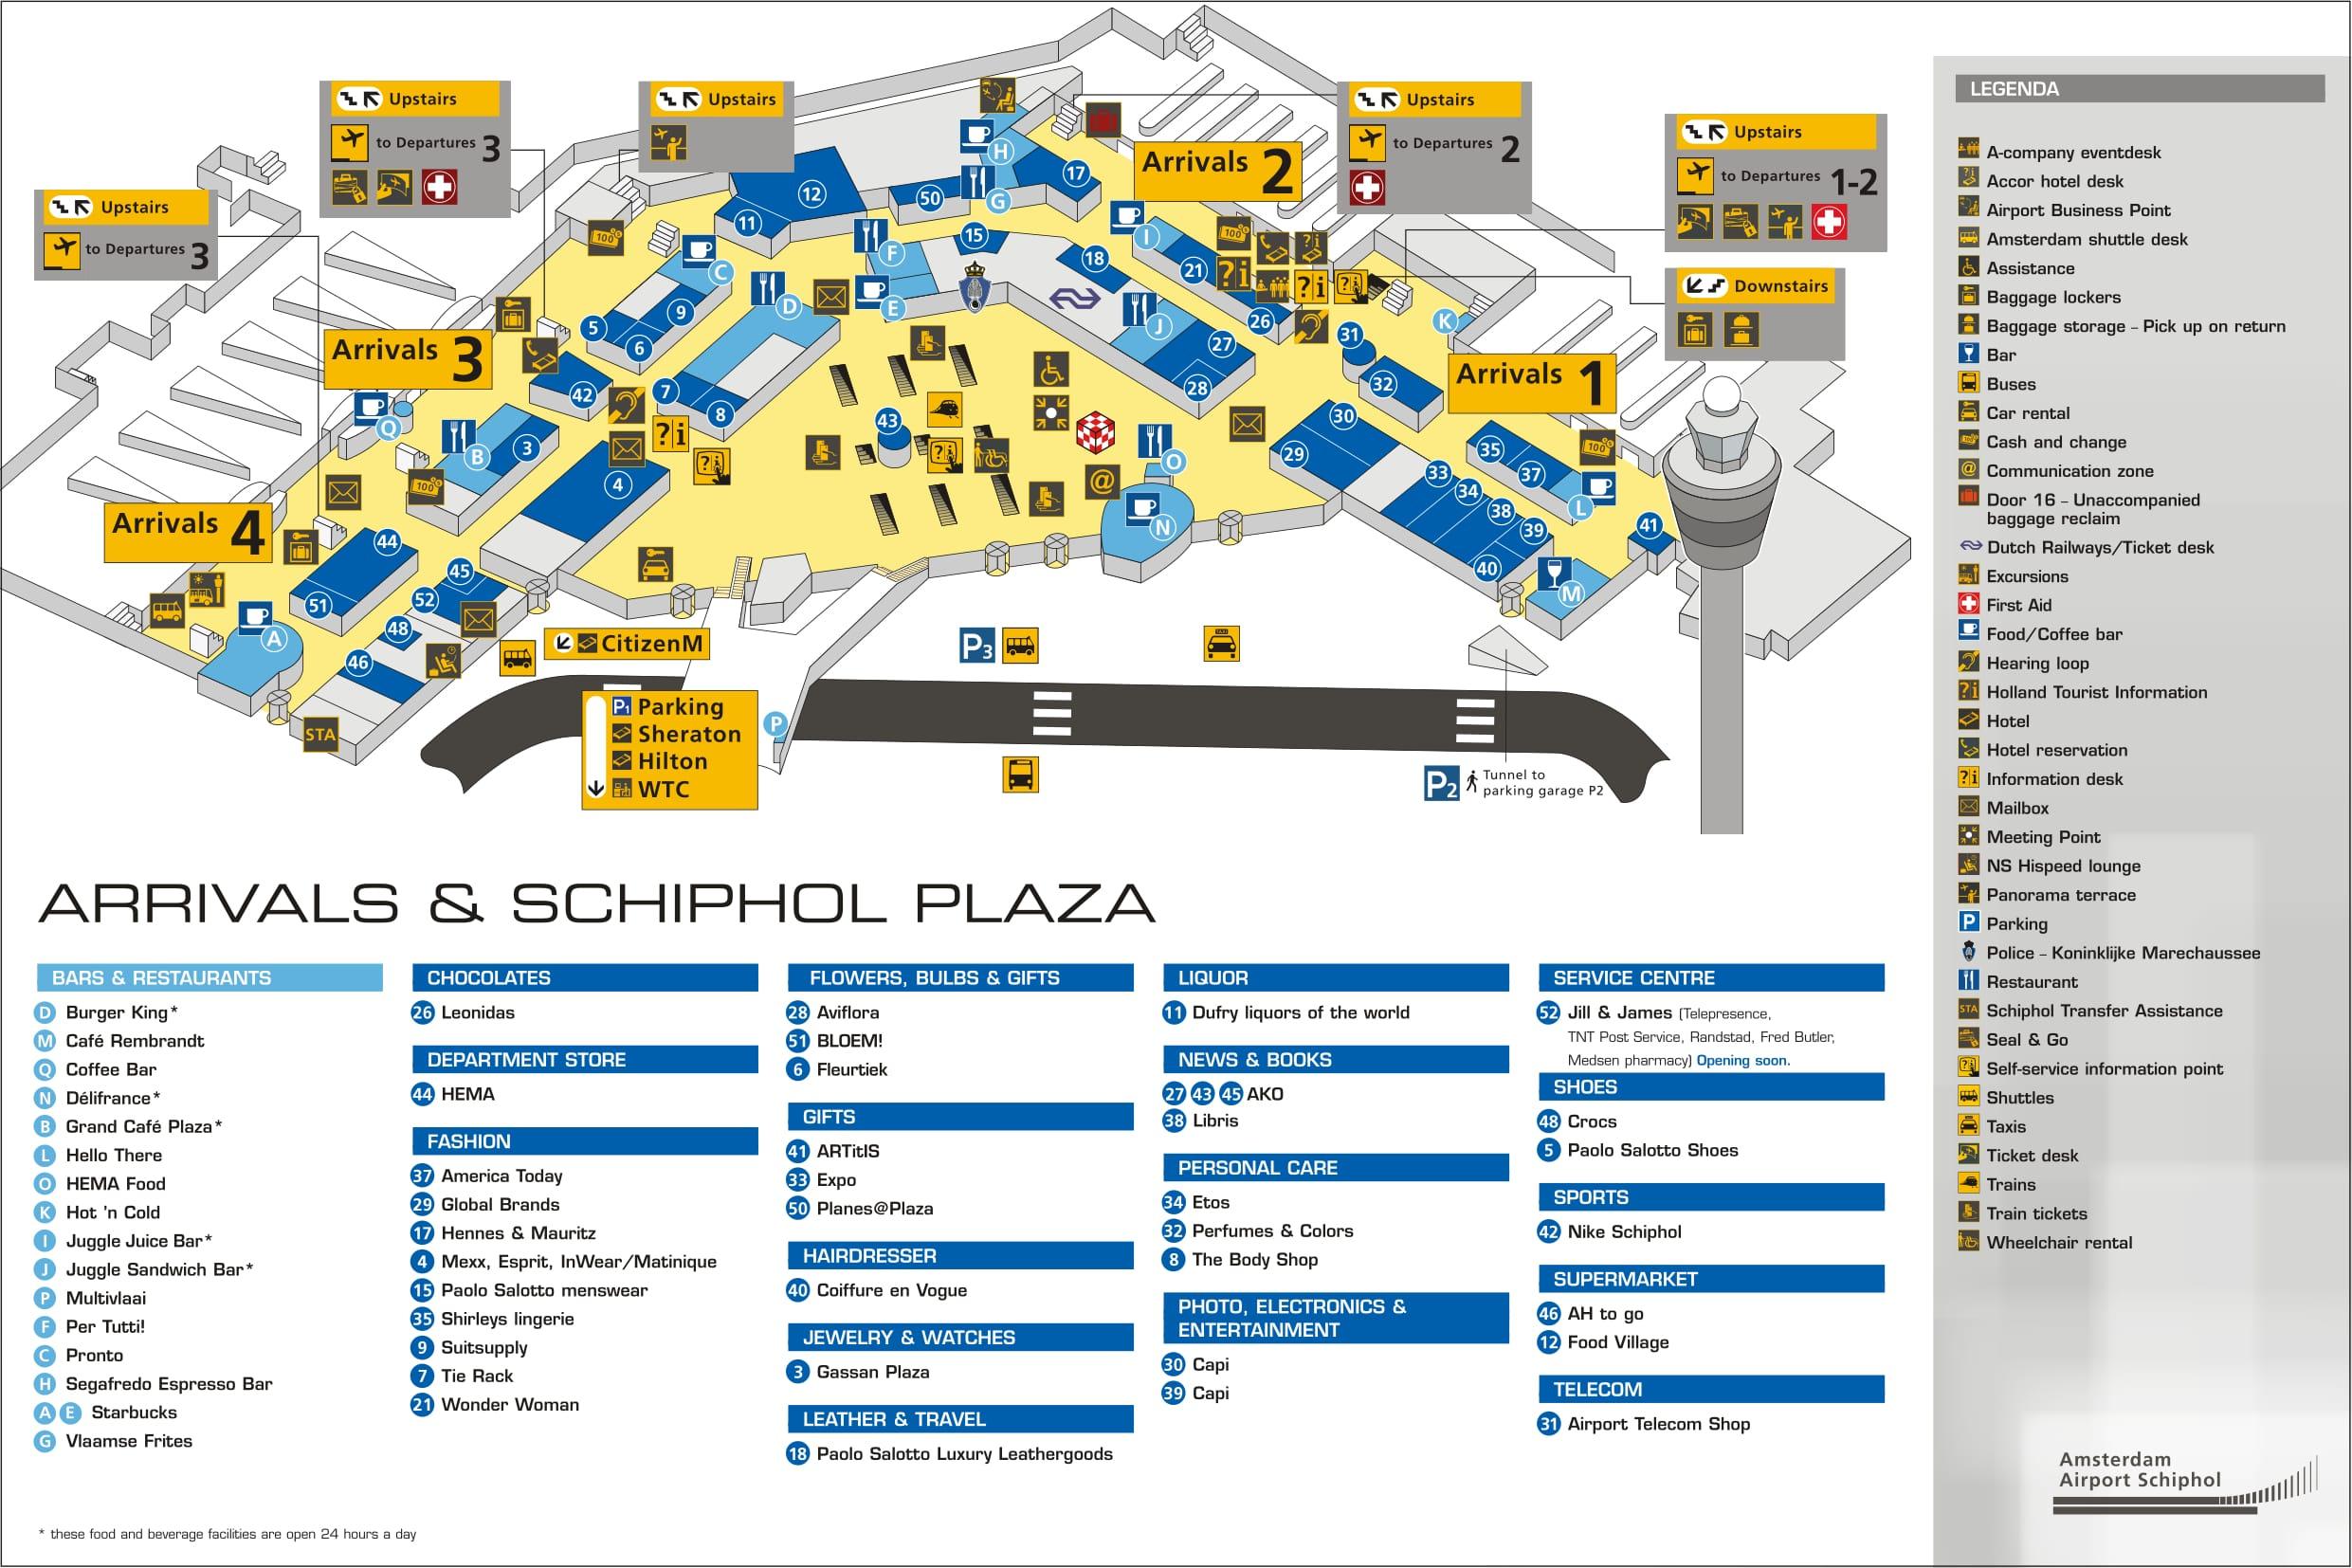 Mapa de la Terminal llegadas del aeropuerto de Amsterdam